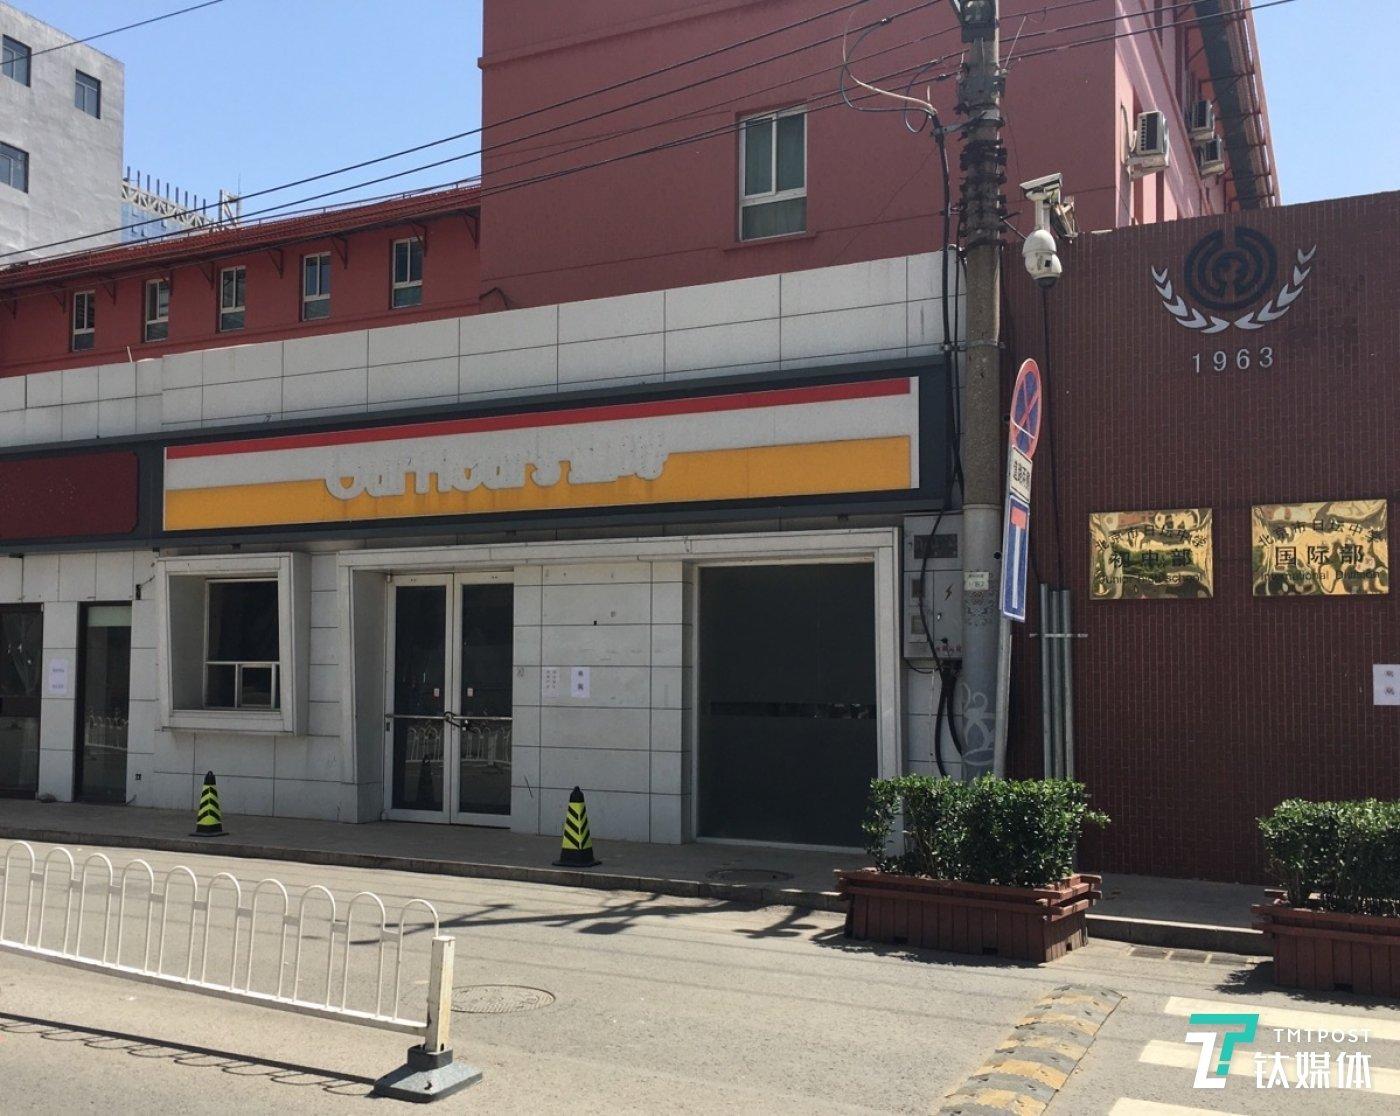 早在2020年5月前,全时便利店社区店已经在陆续关闭